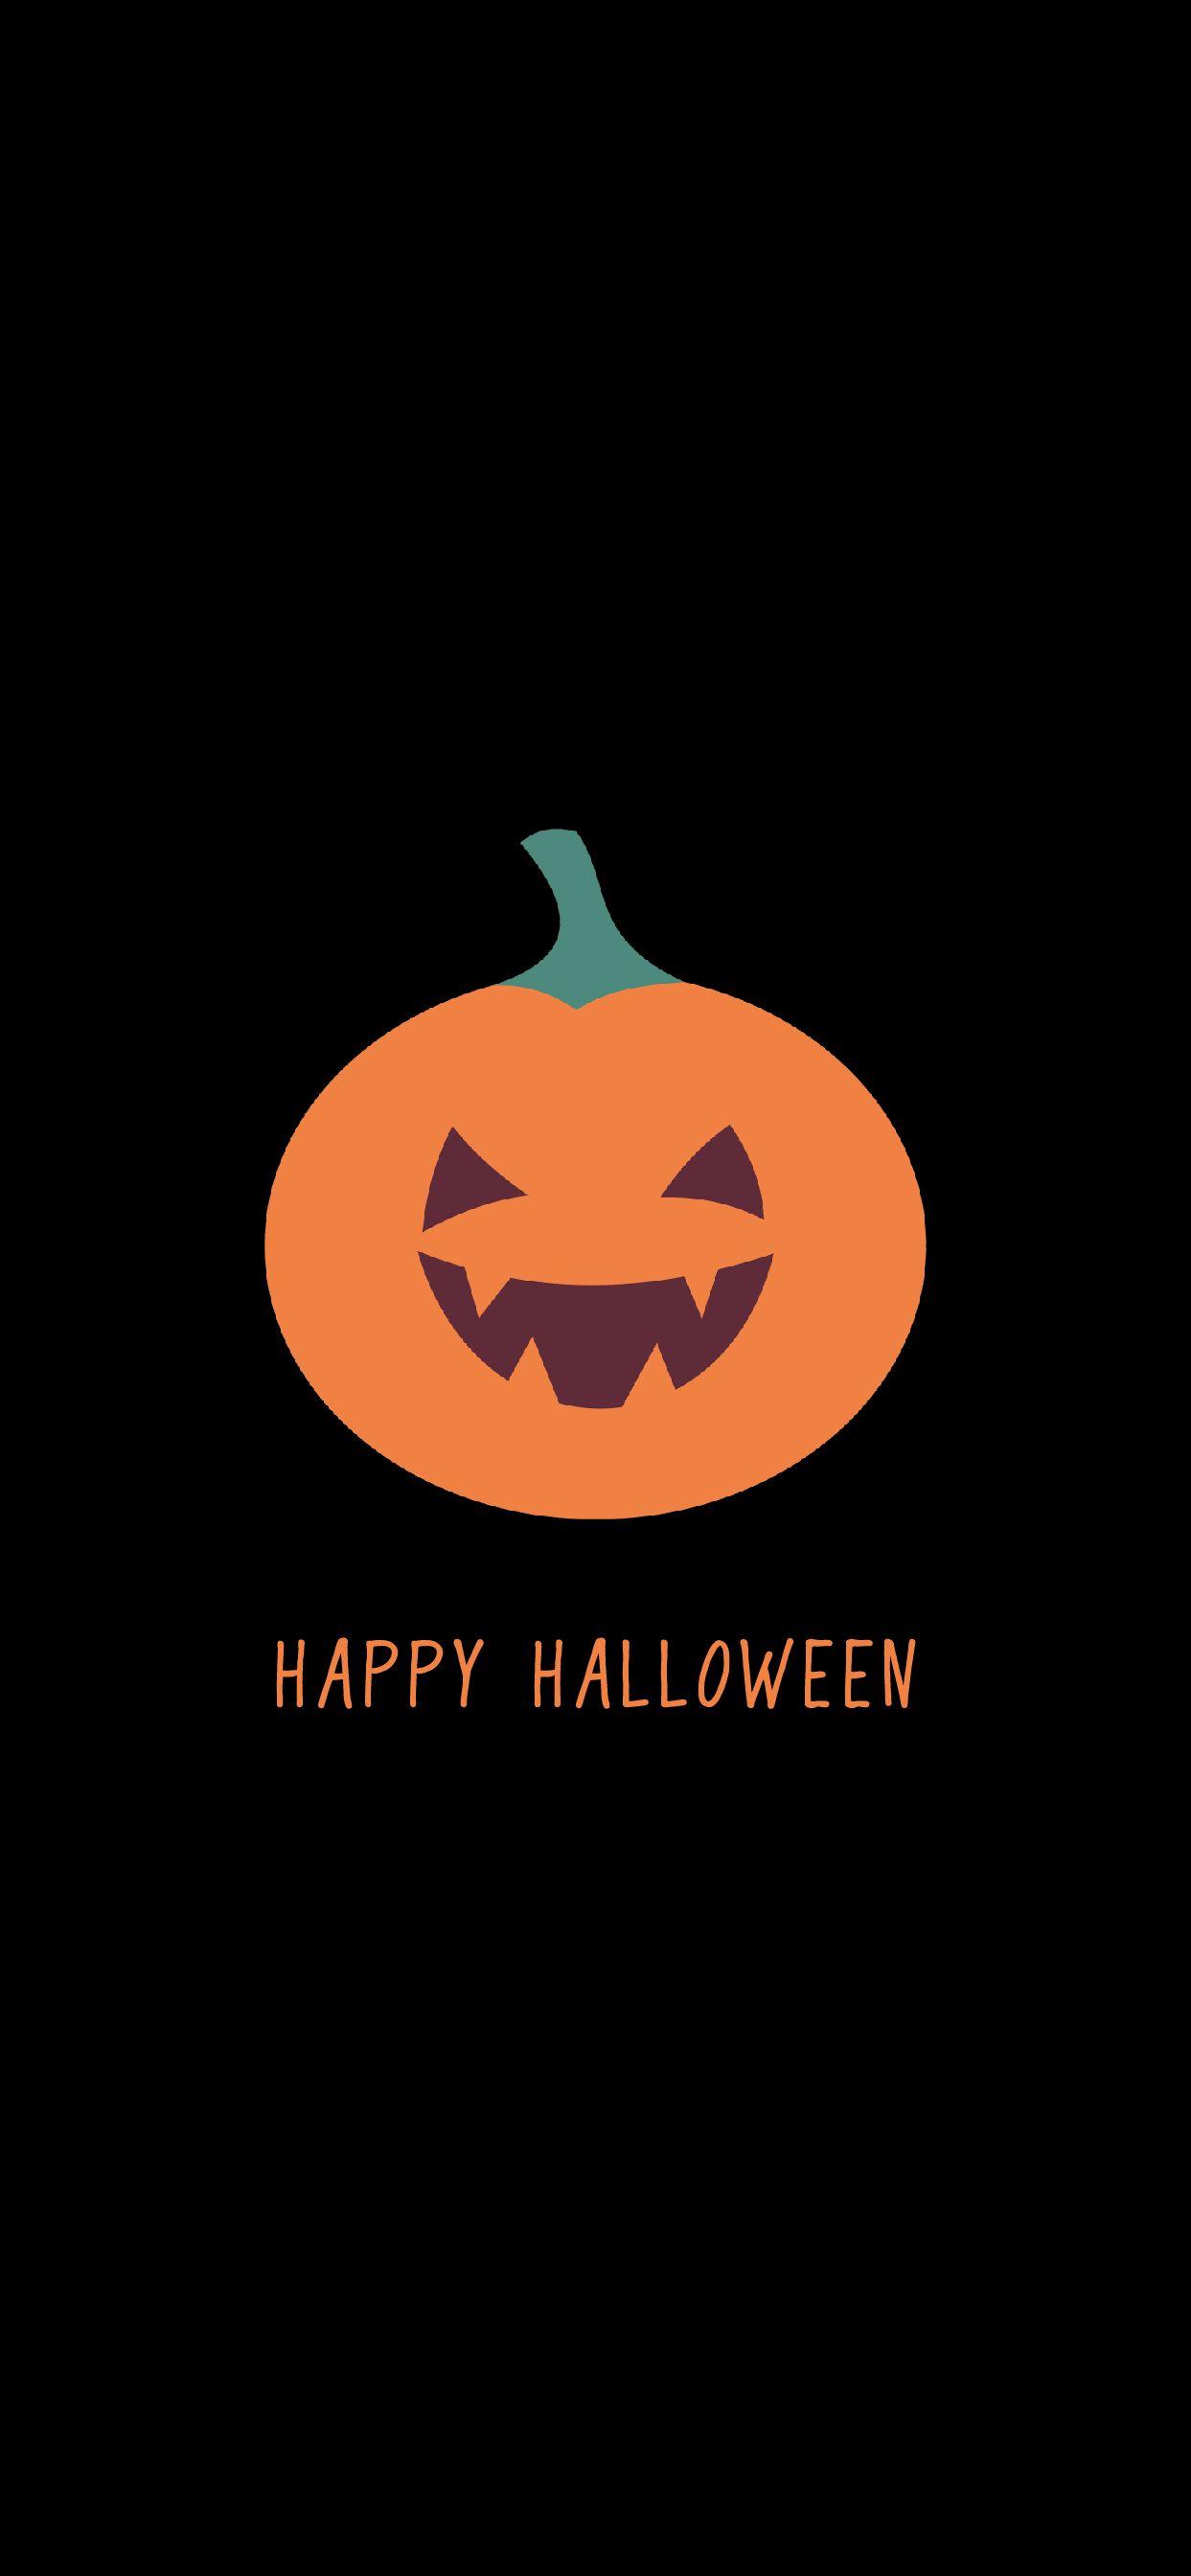 Free Spooky Halloween Iphone Wallpapers Halloween Wallpaper